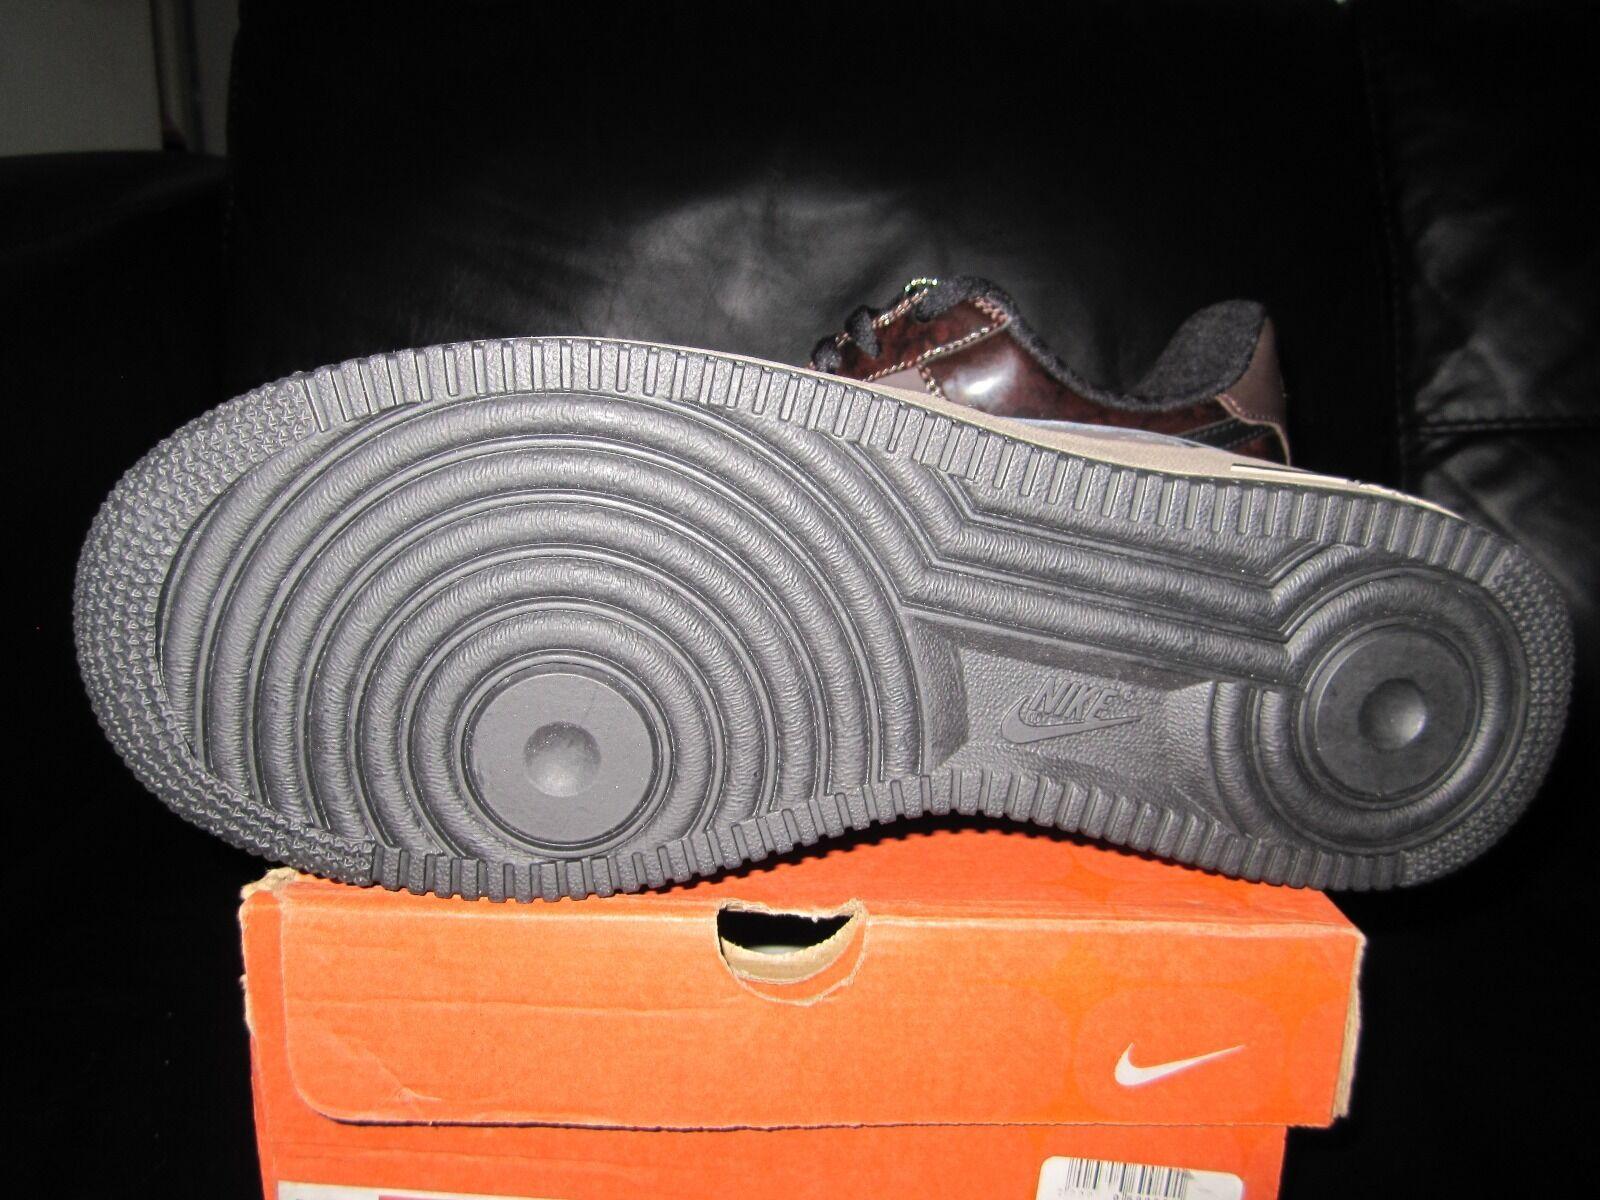 Nike D.S 2006 Air Air Air PREMIO Force 1 LIMITED EDITION del Regno Unito taglia 8 9 U.S.A. NUOVO. 129c3c